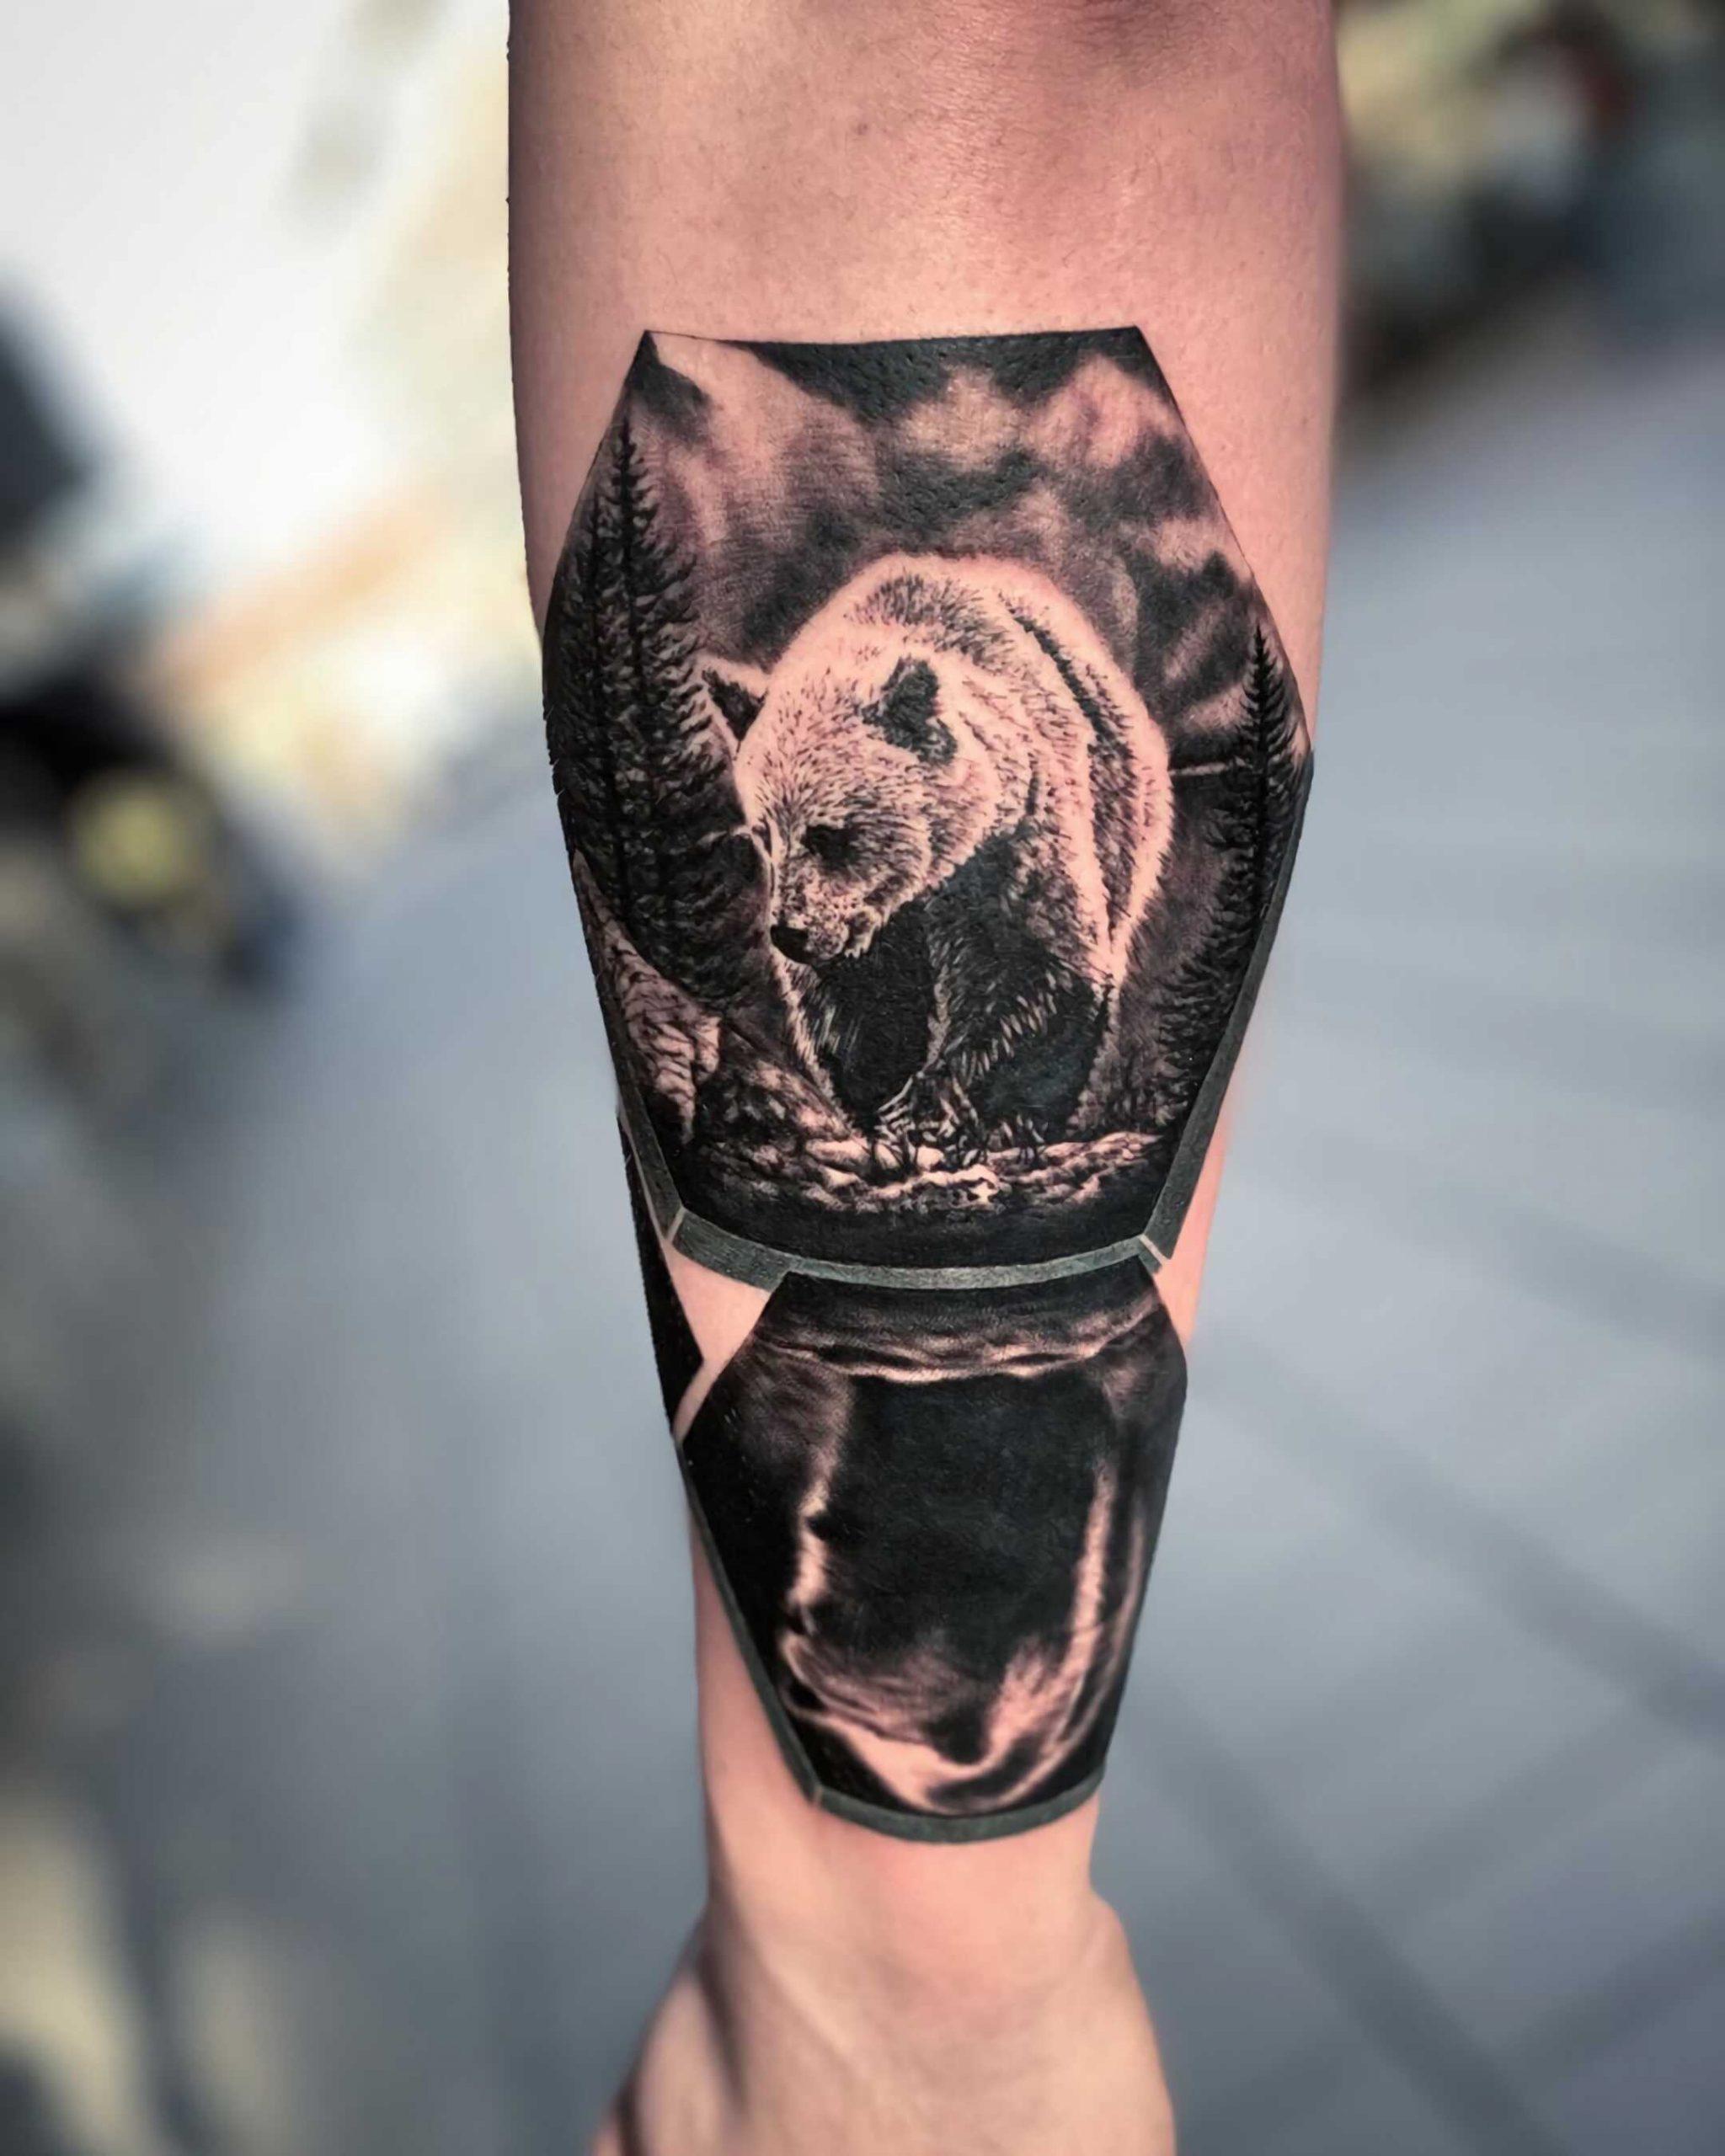 тату медведя и его отражения на руке